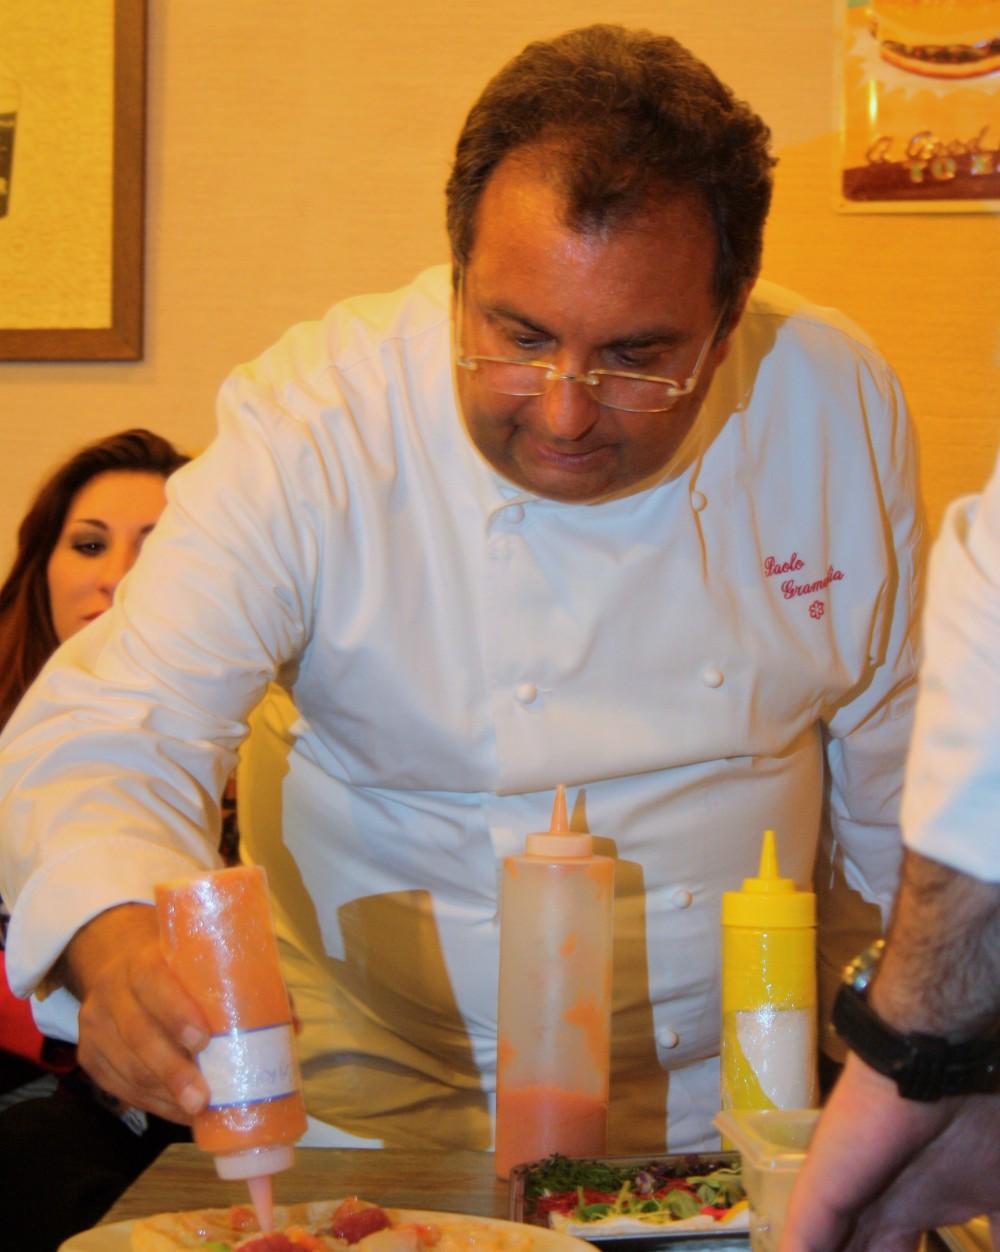 Paolo Gramaglia intento a comporre il piatto